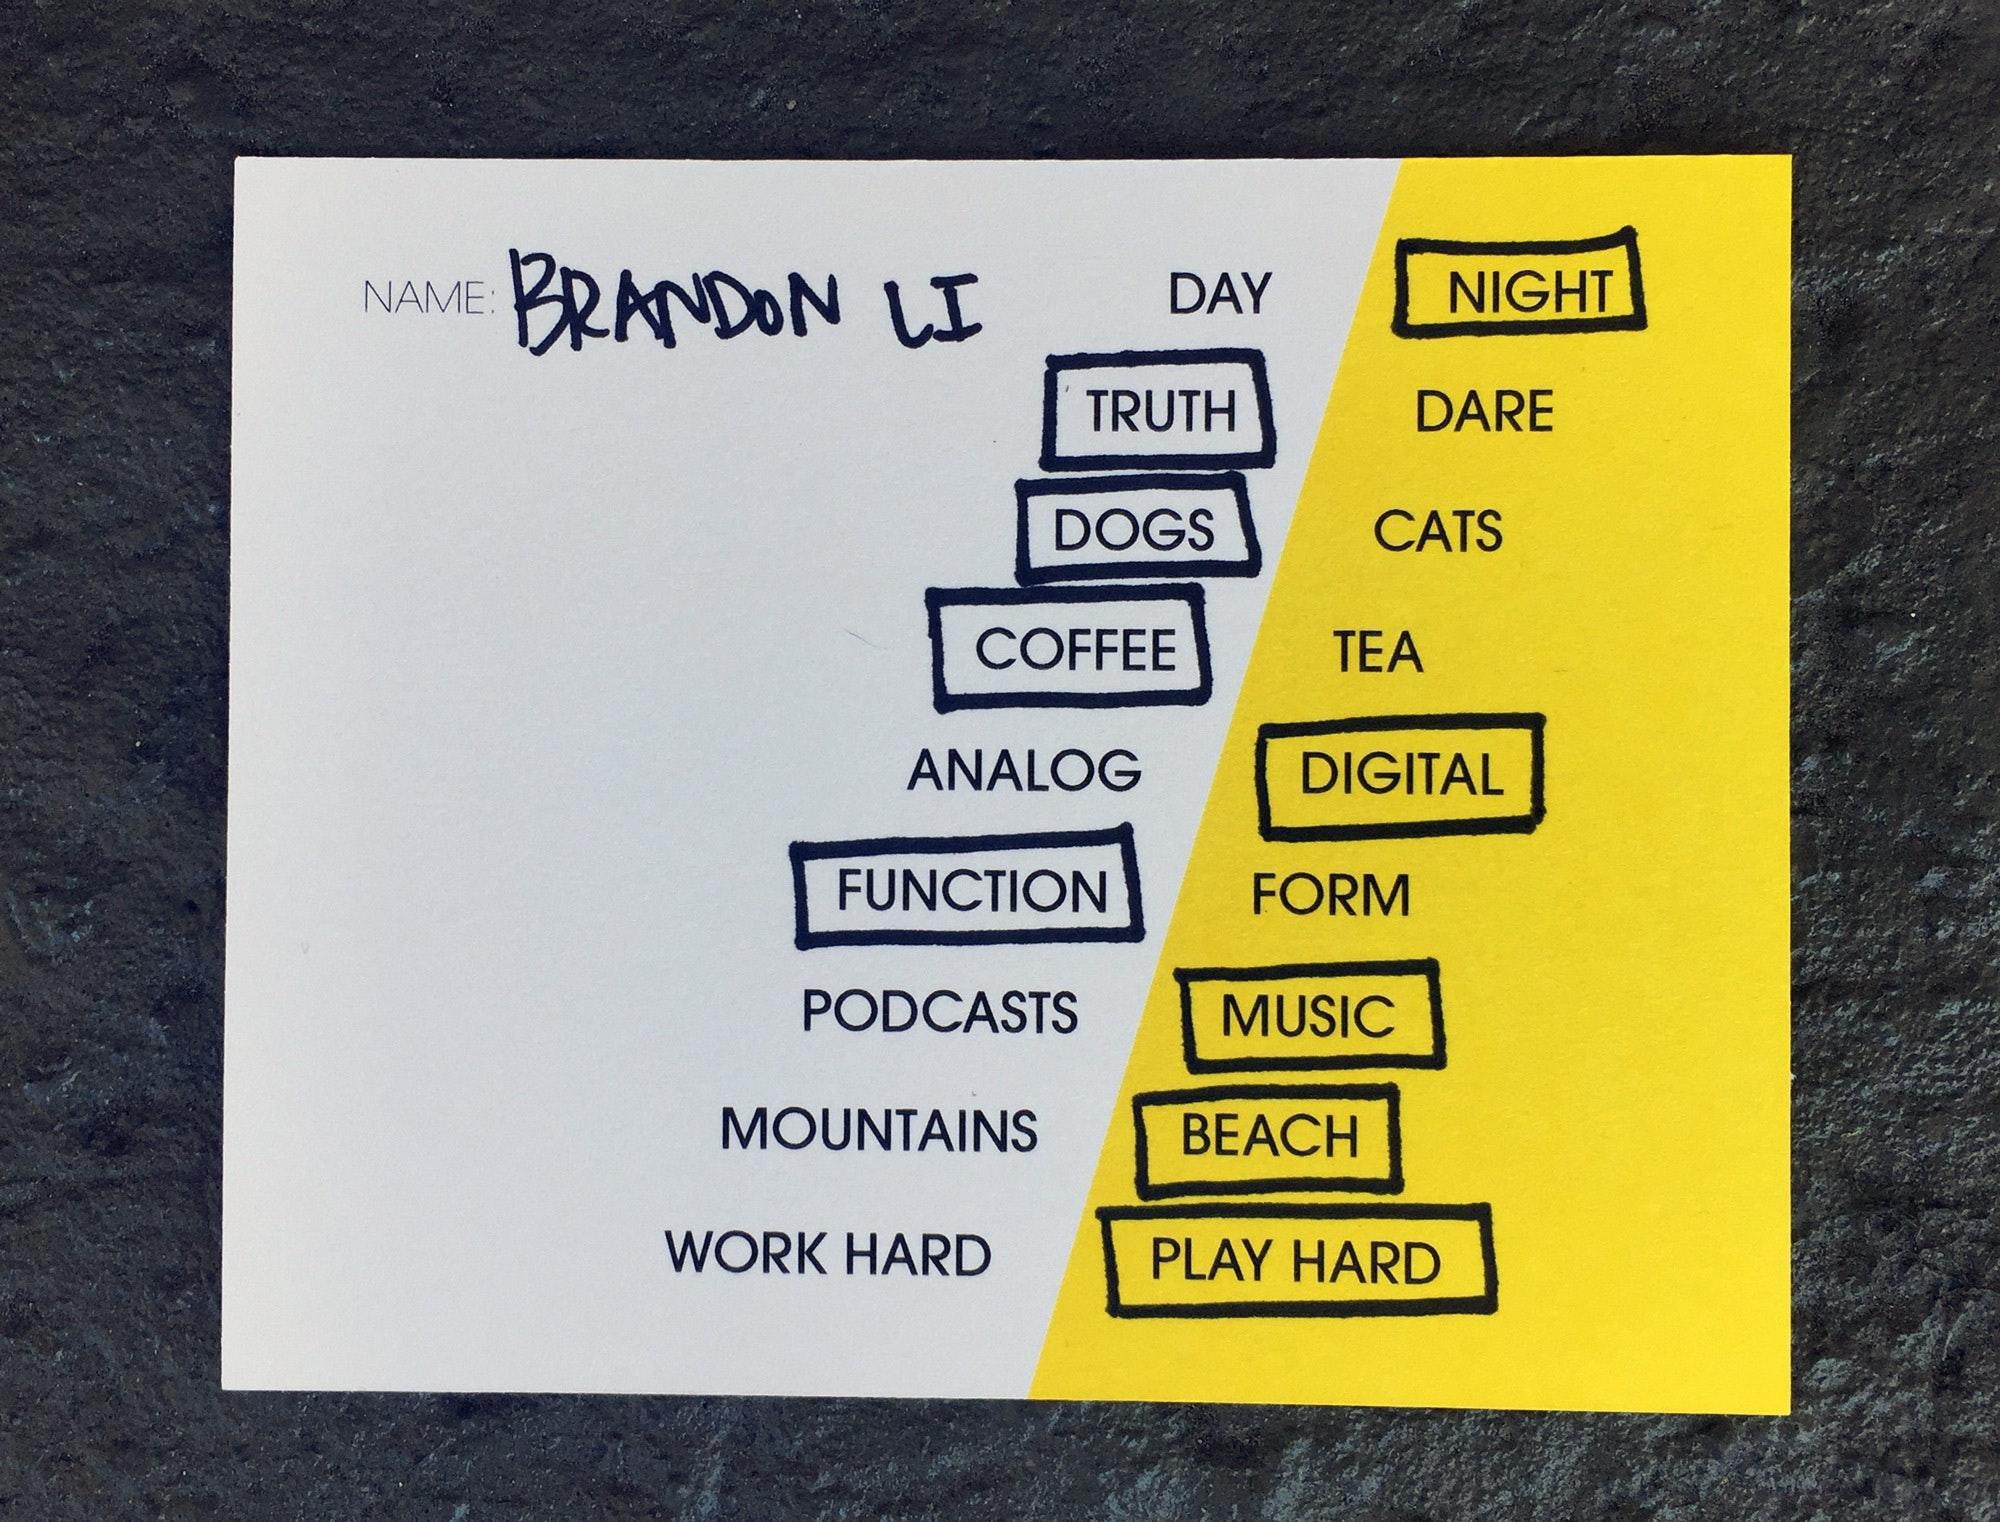 Brandon Li Card